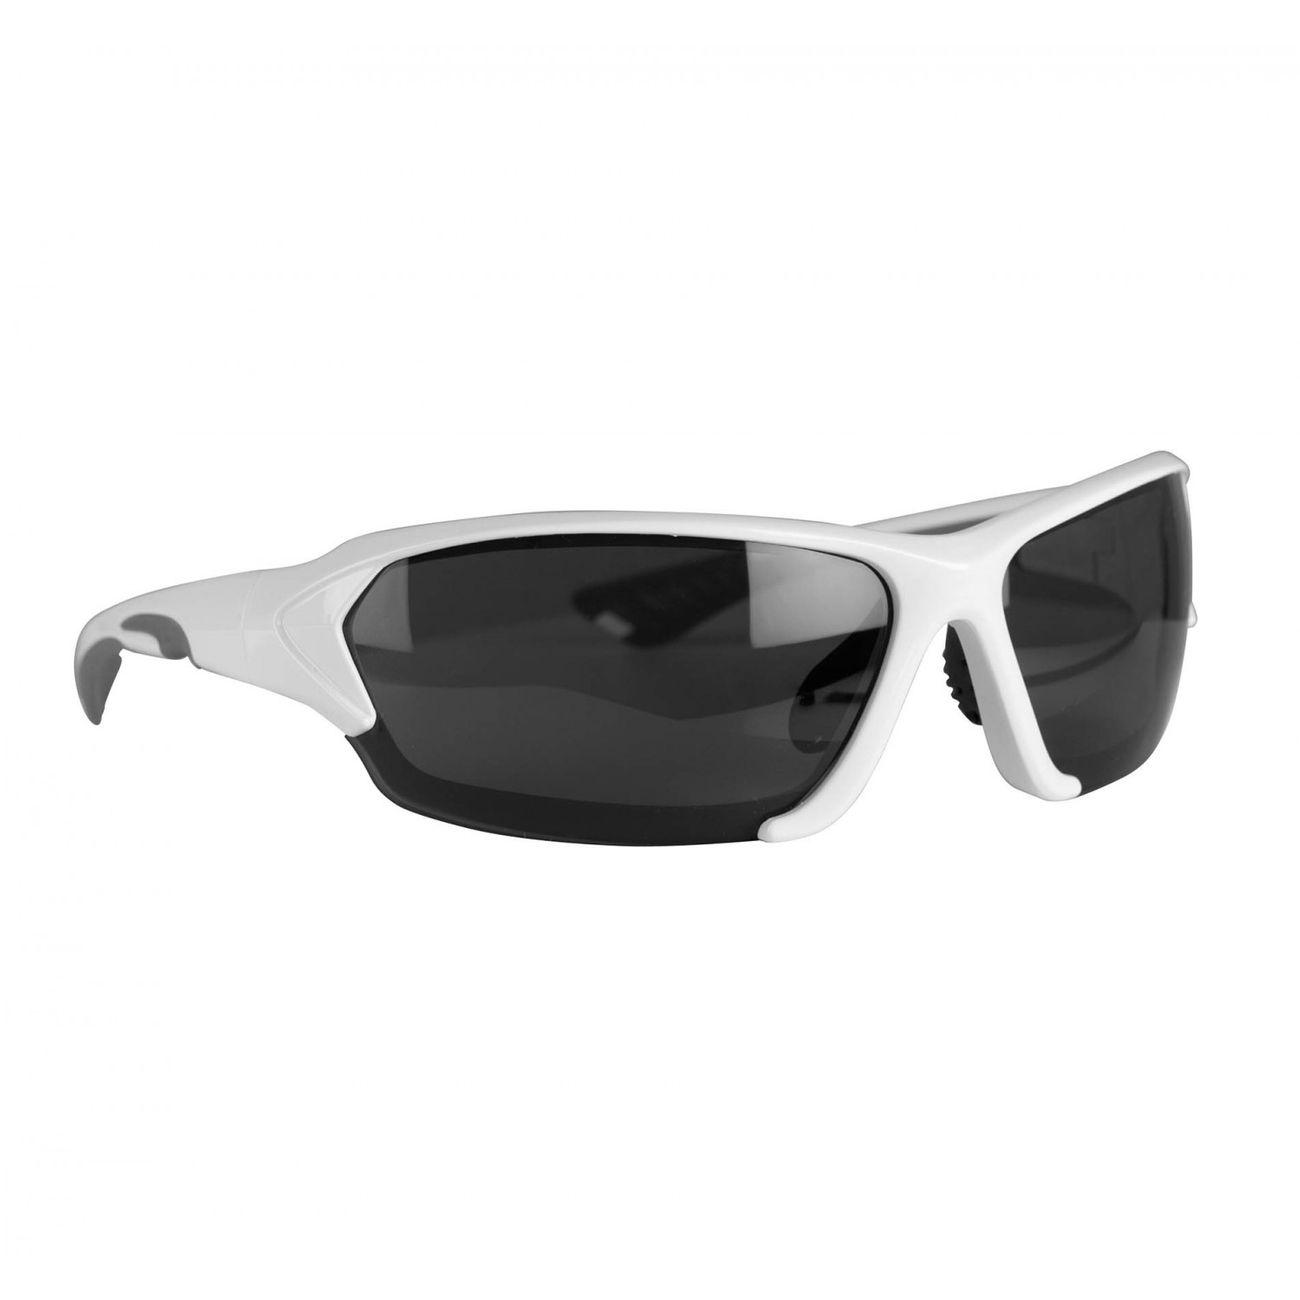 Mode- Lifestyle adulte KIMOOD Lunettes de soleil sport - KI3032 - blanc et gris